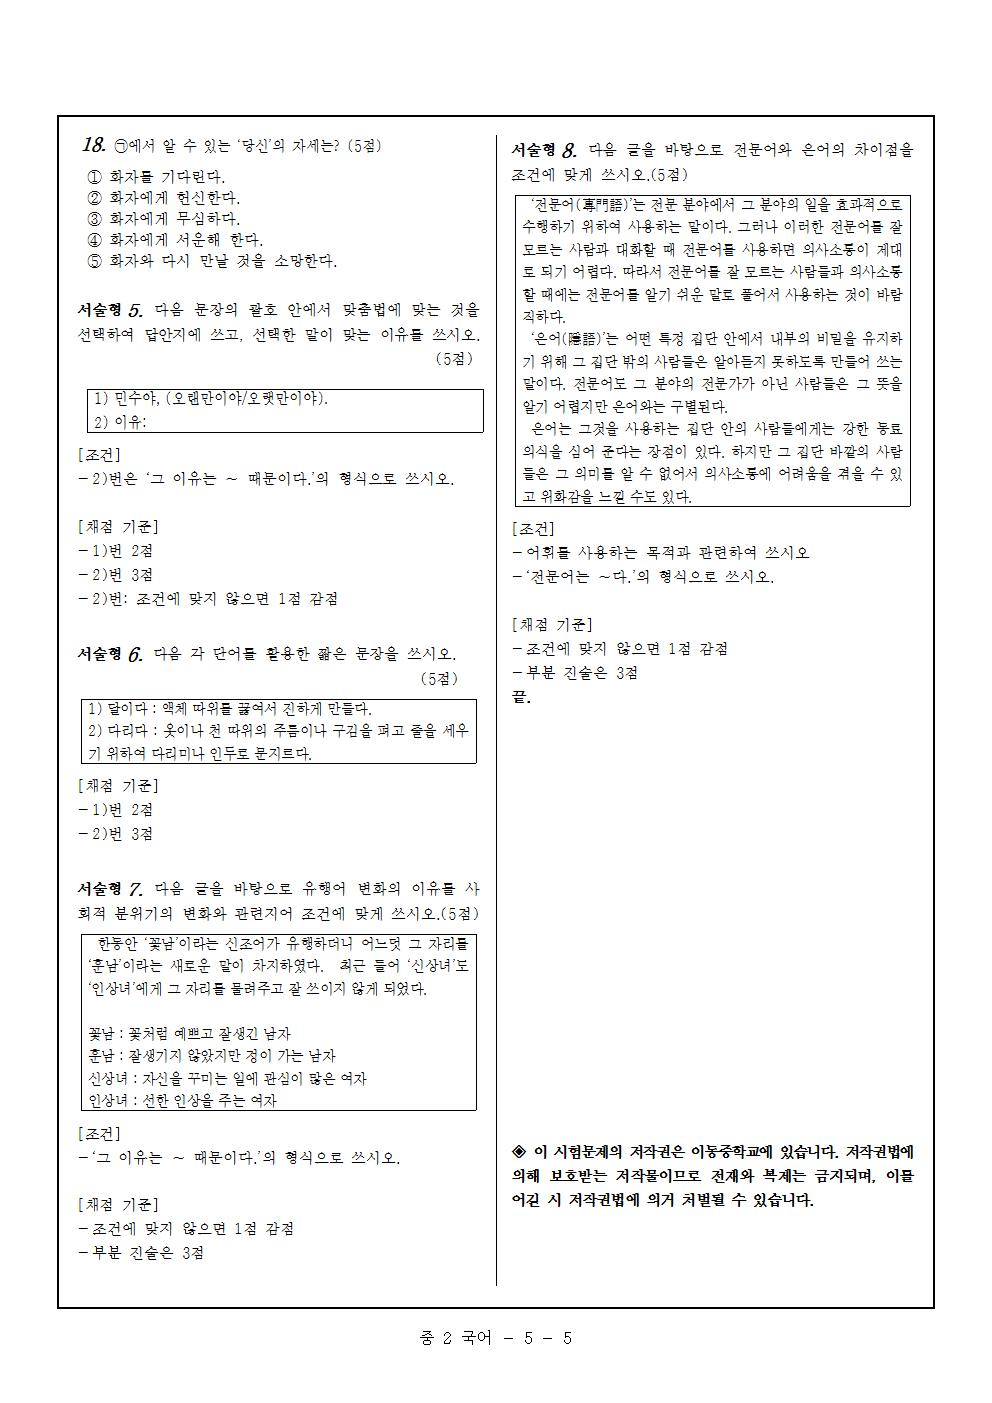 [일반] 2014학년도 1학기 1차지필평가 2학년국어 원안지 및 정답해설의 첨부이미지 5